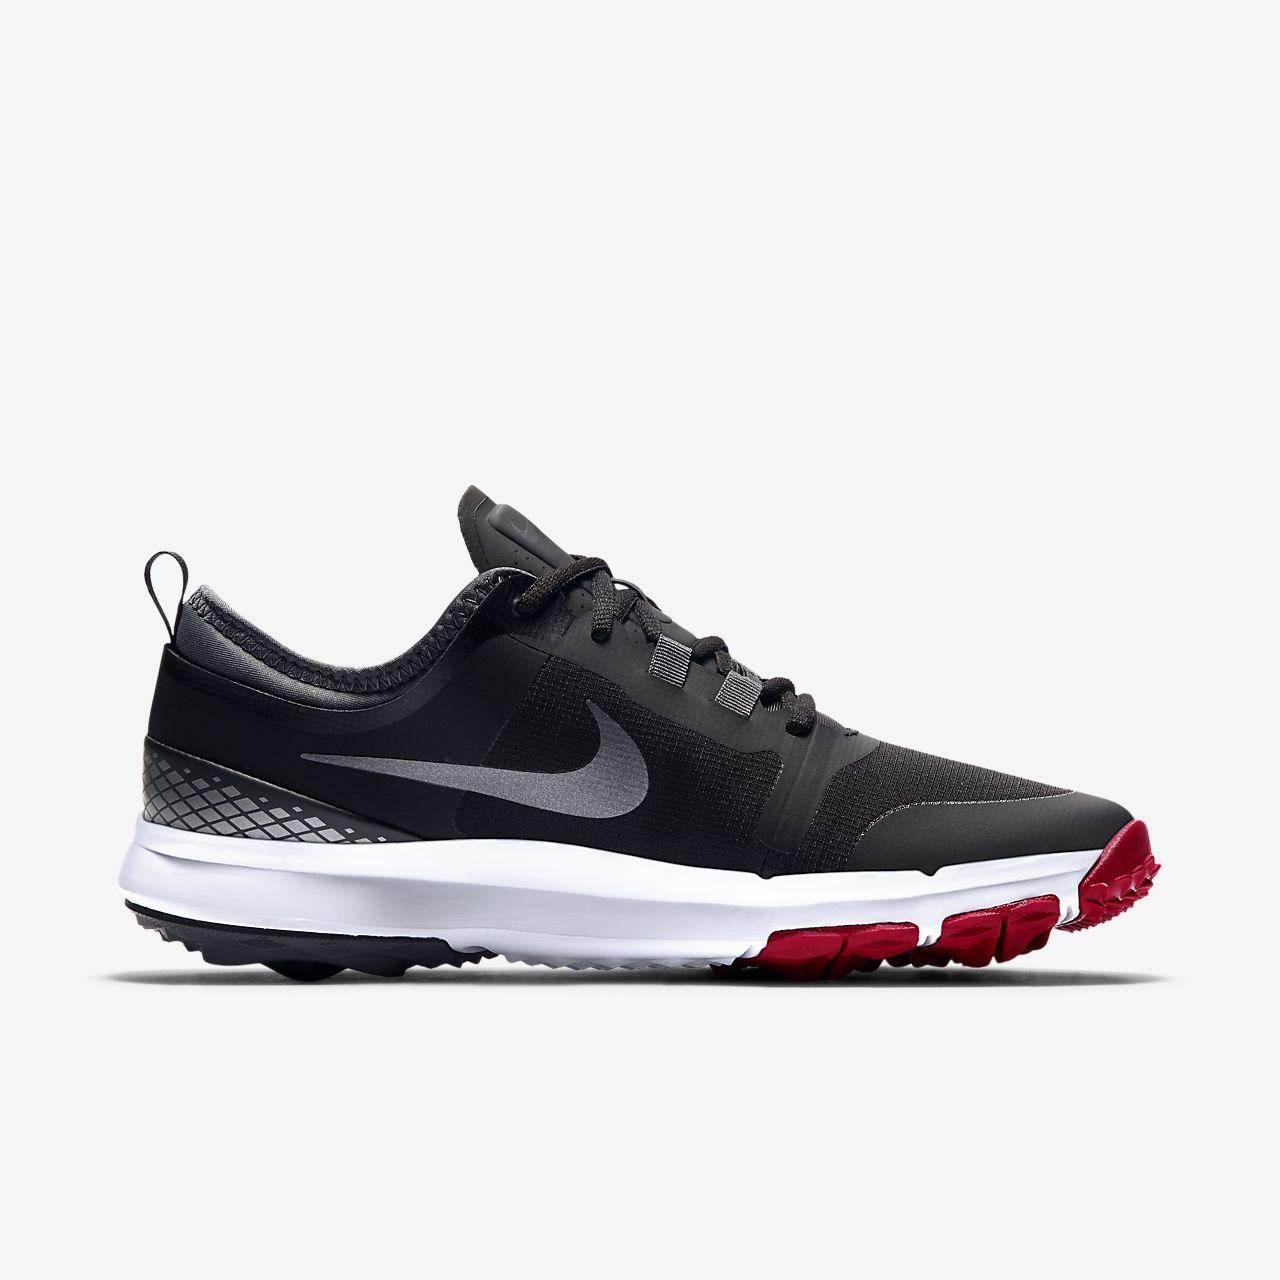 ... Nike FI Impact 2 Men's Golf Shoe